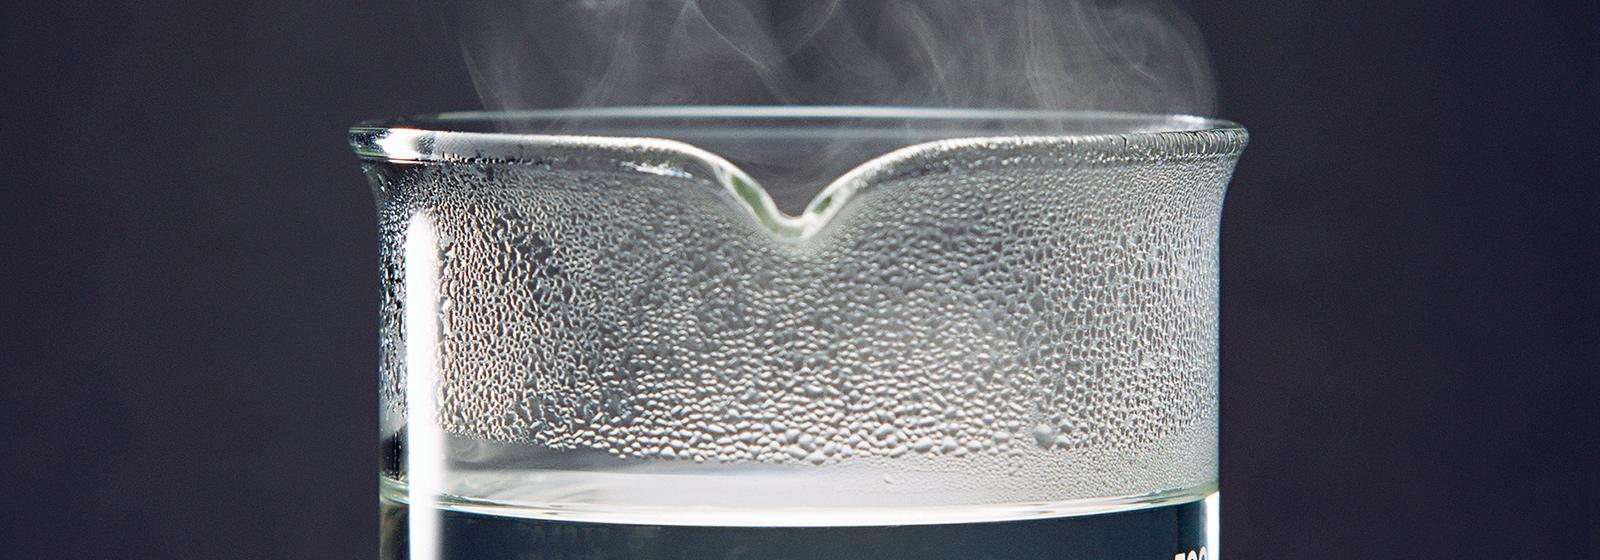 Chauffe-eau